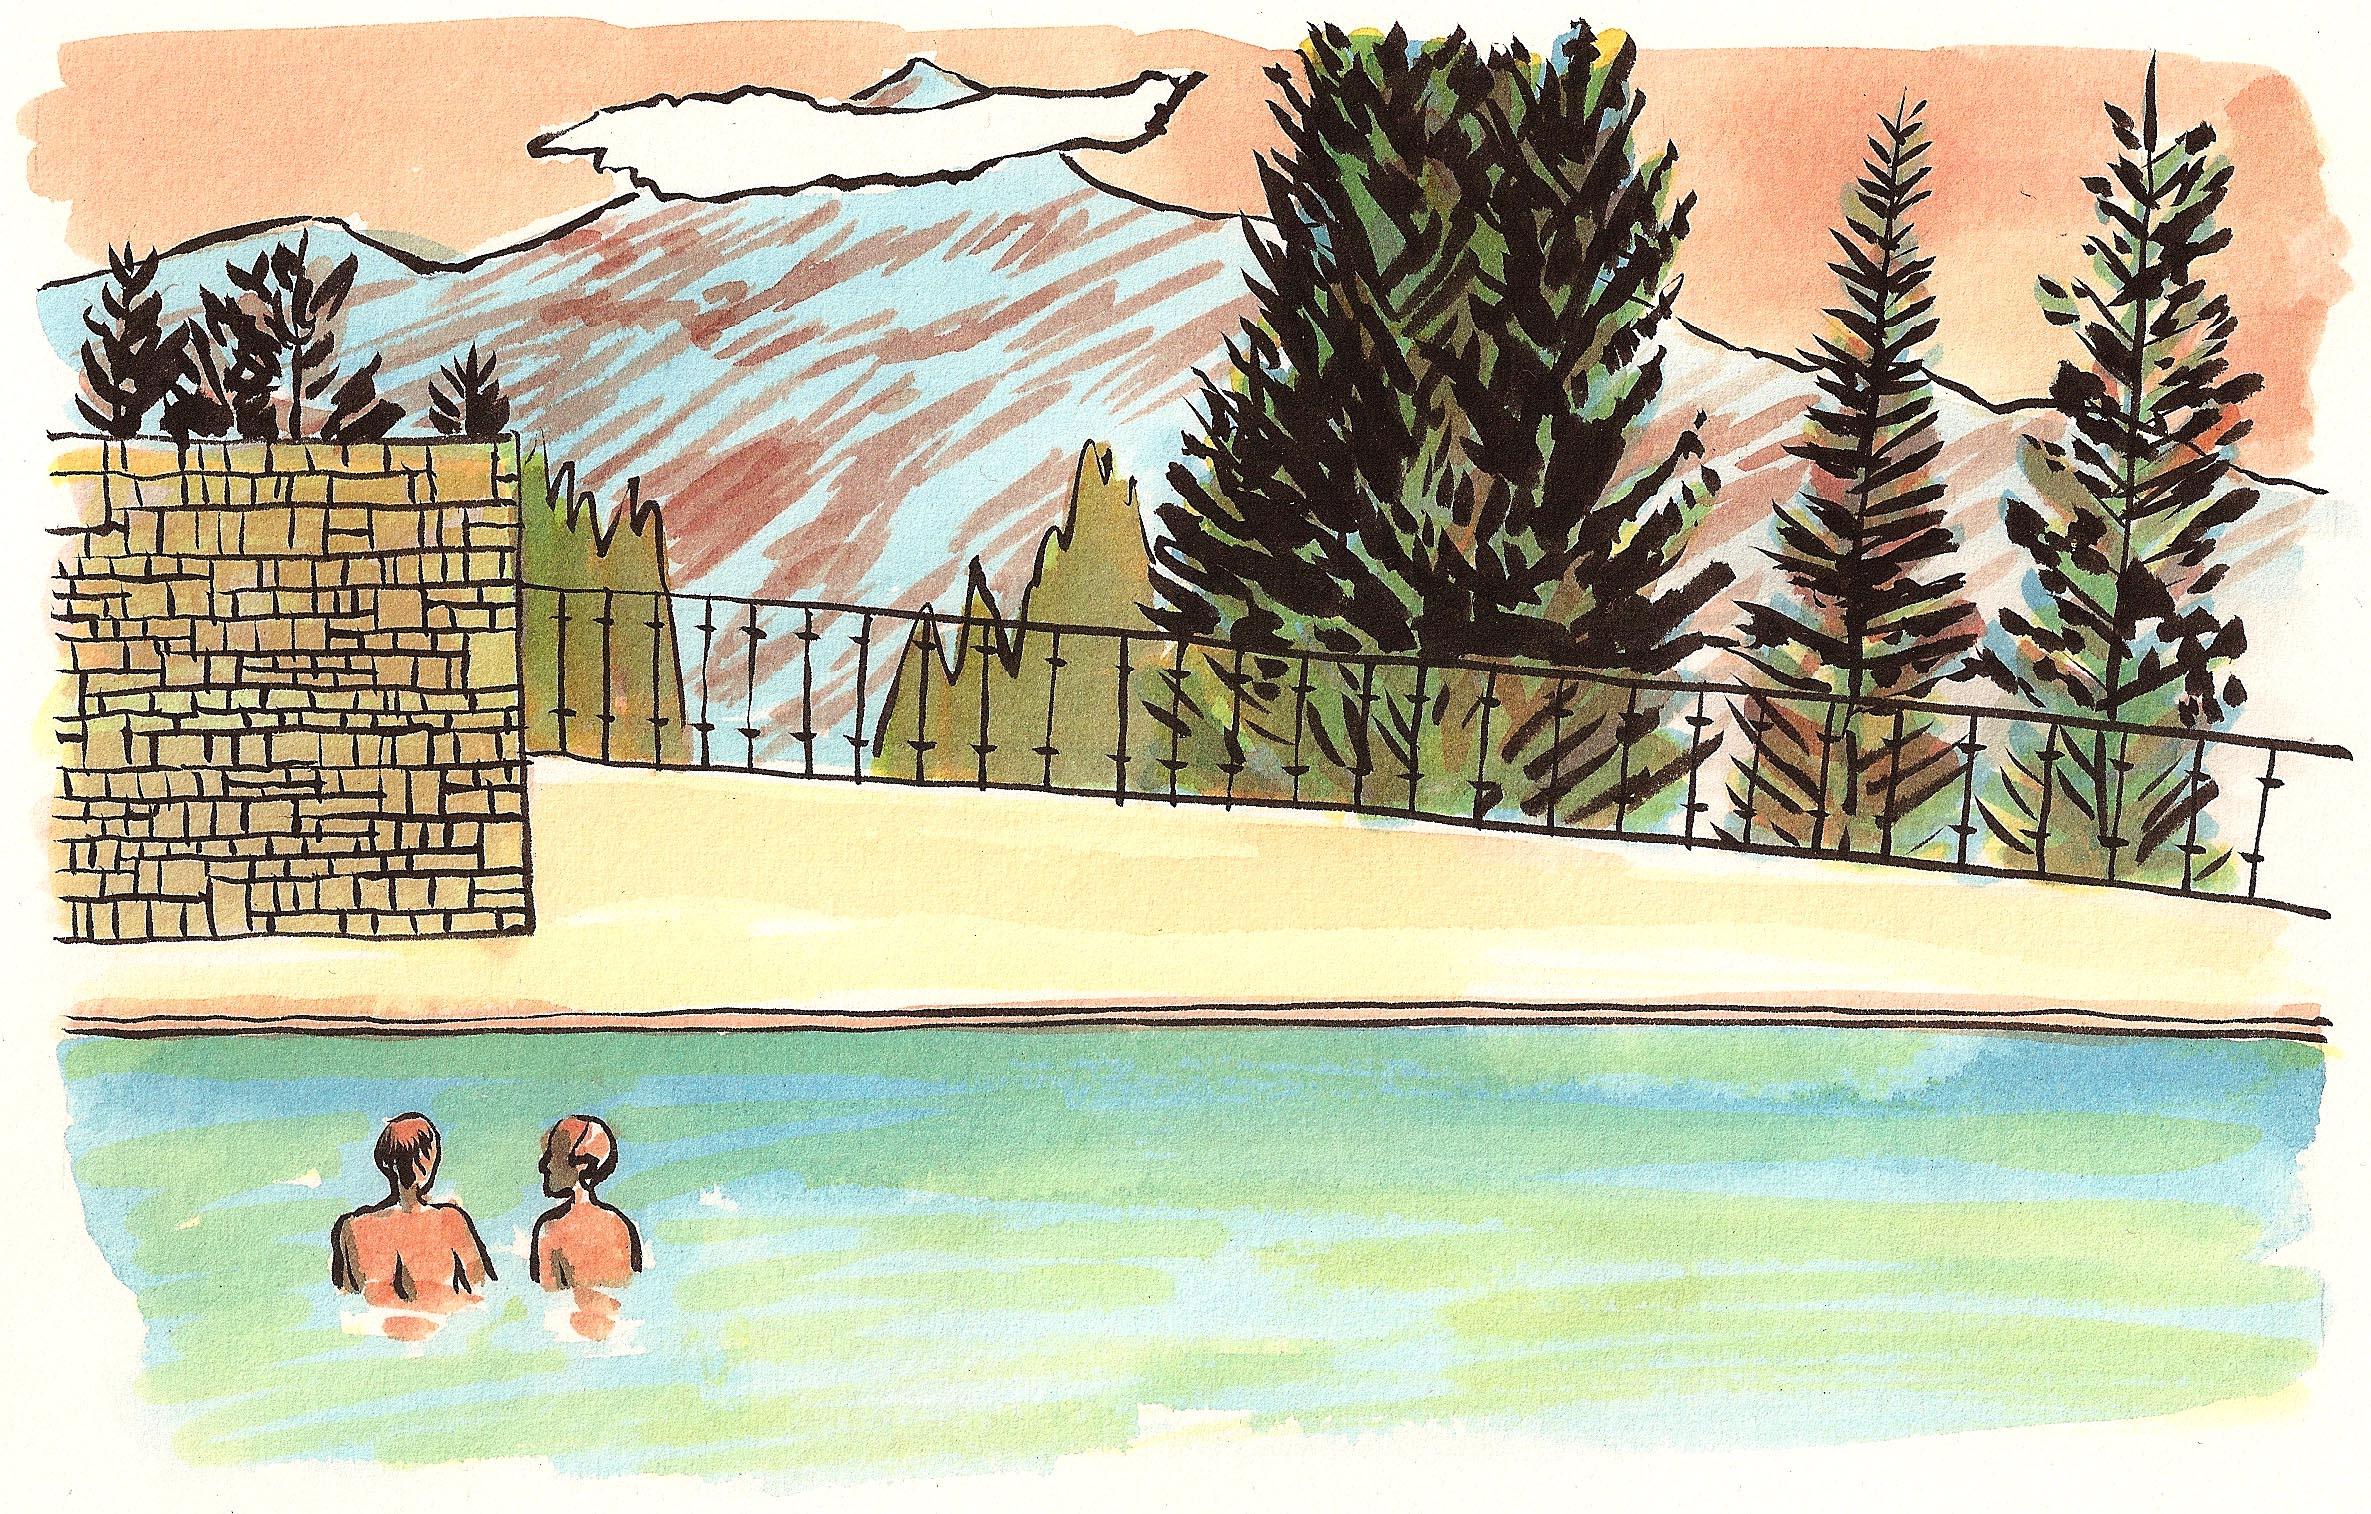 'Hot Springs'